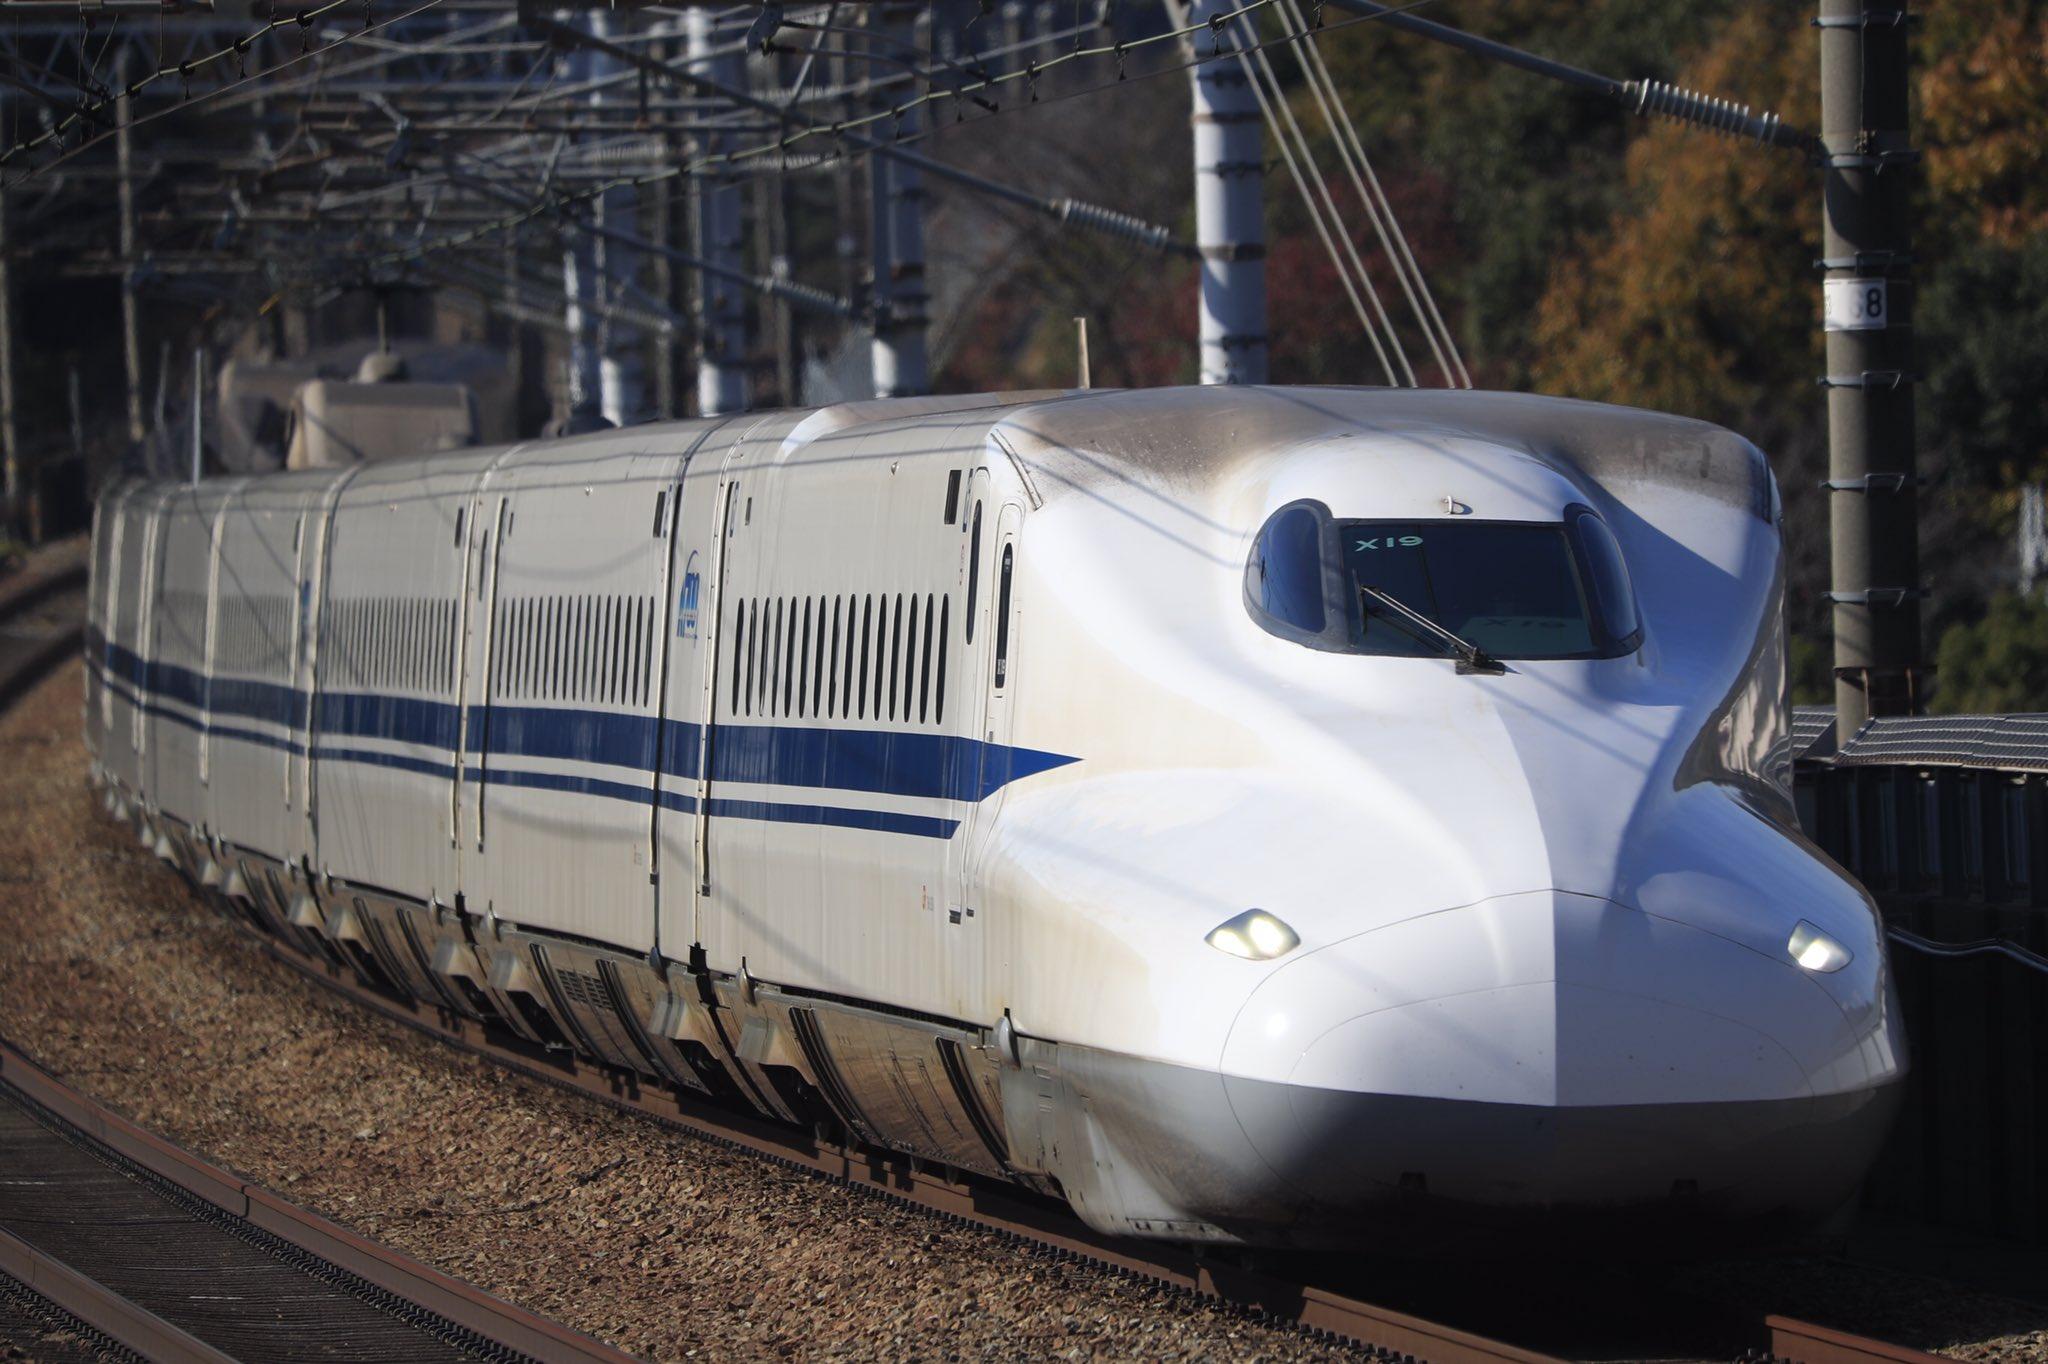 【2021年初の廃車】N700系X19編成廃車回送 量産車としては7本目